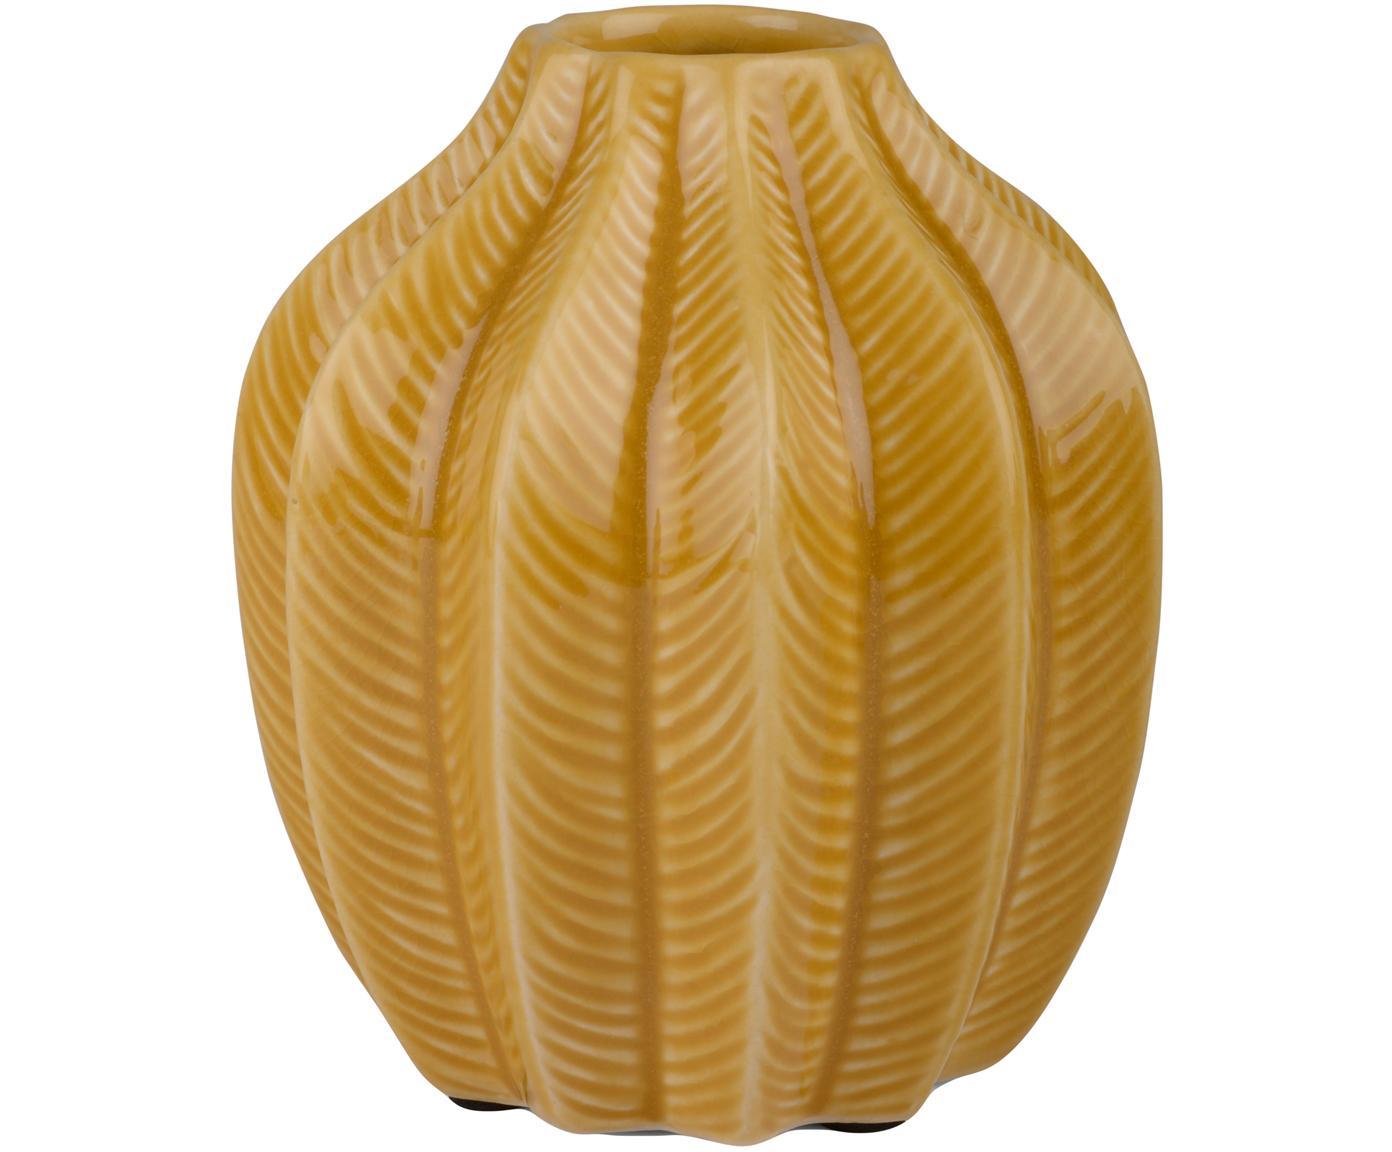 Wazon z ceramiki Felicia, Ceramika, Żółty, Ø 14 x W 15 cm